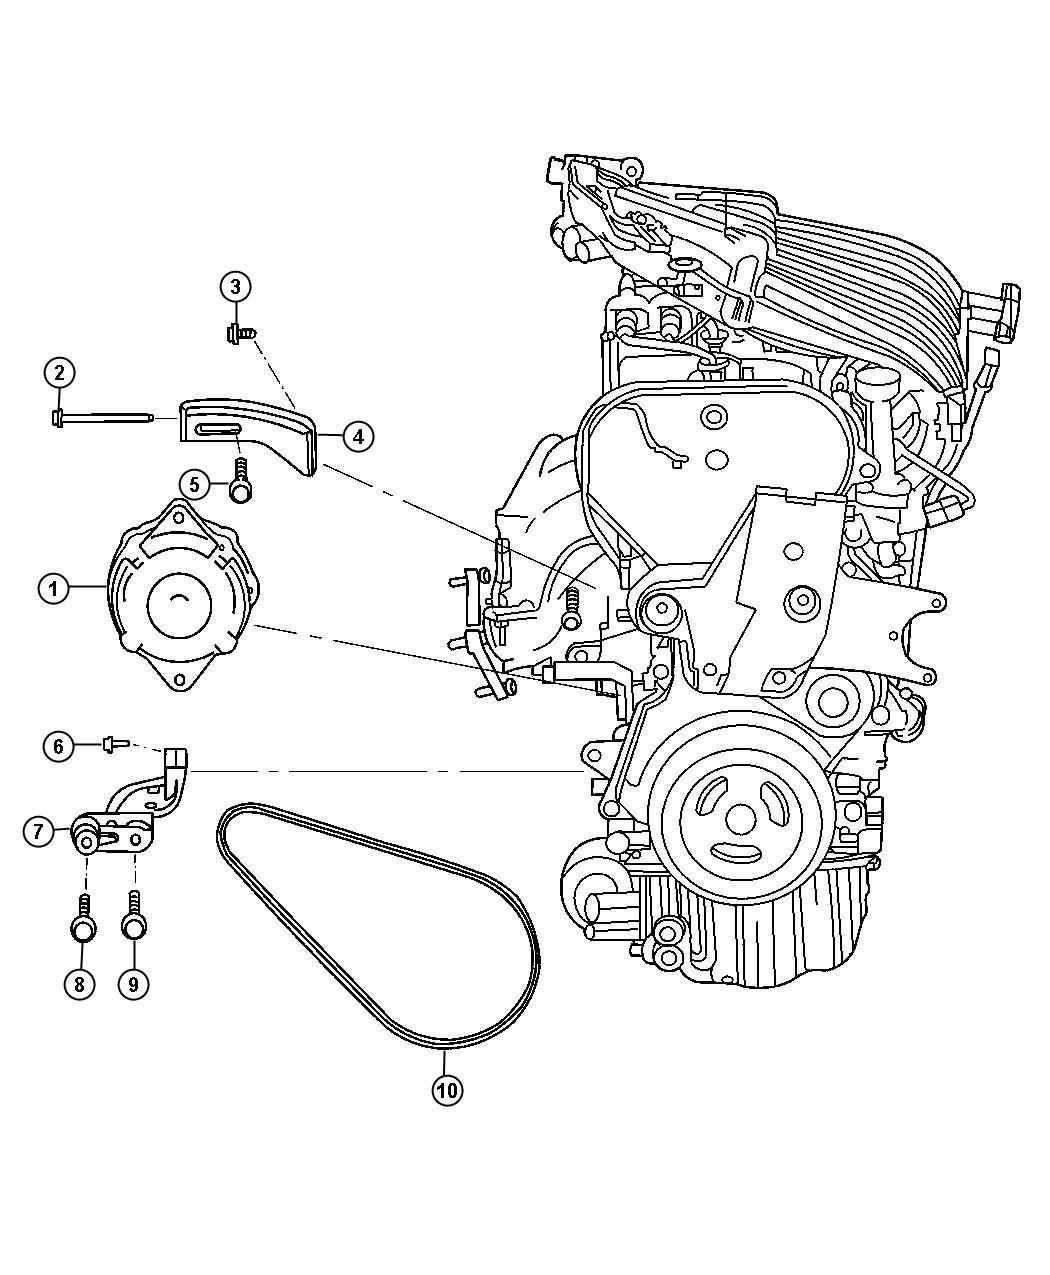 Dodge Ram 4500 6.7L Cummins Turbo Diesel, 6-Spd Auto AISIN